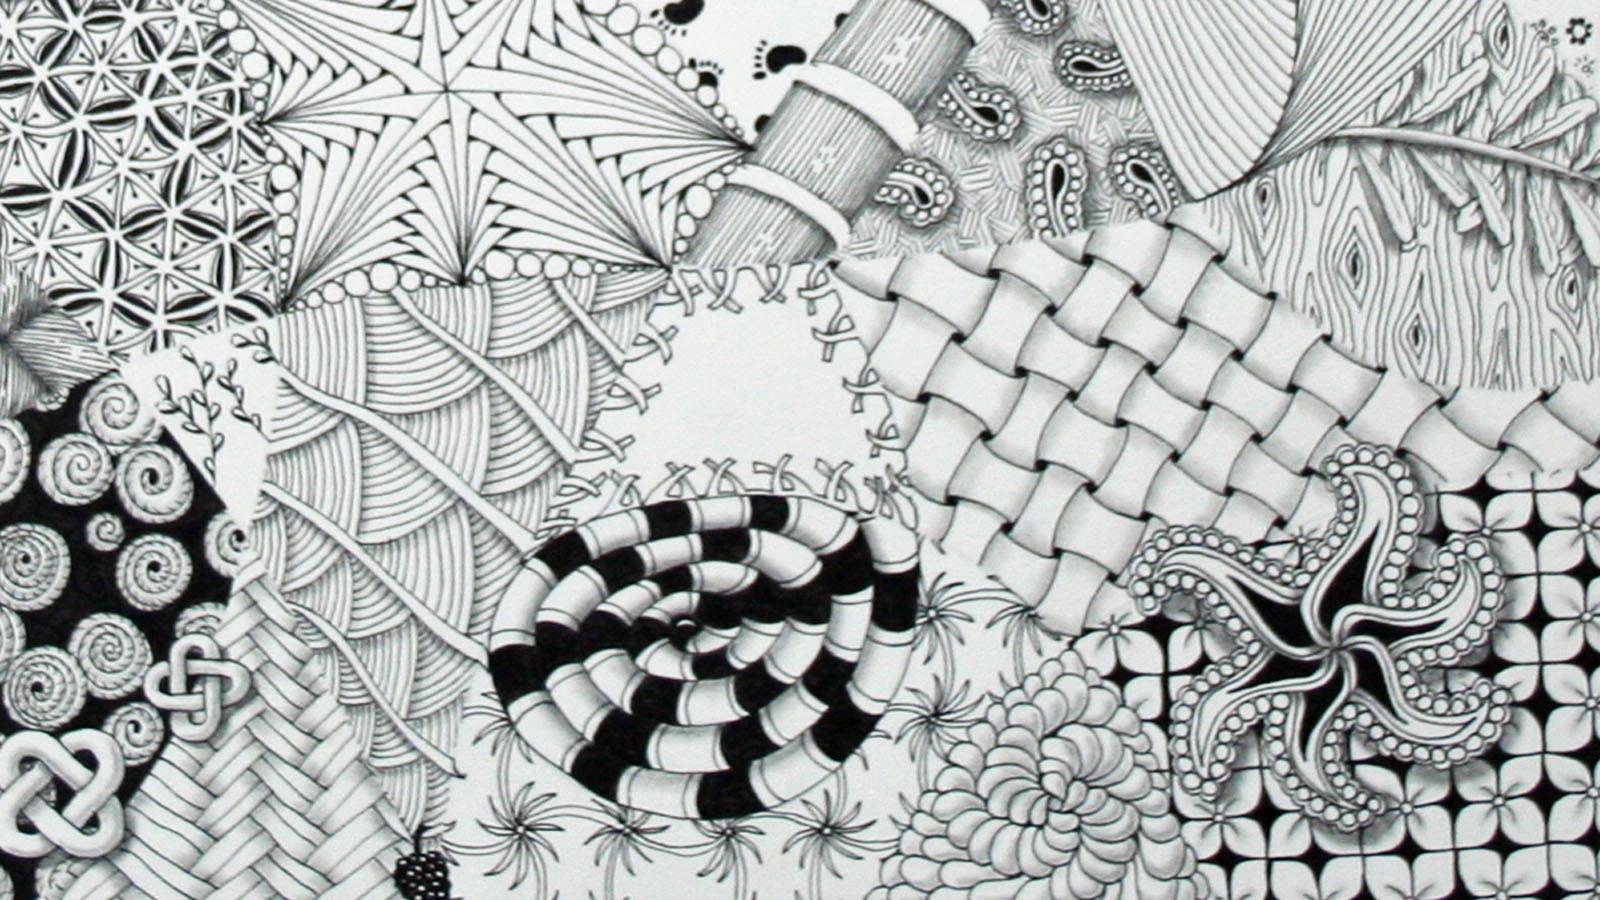 Zentangle Eine Besondere Entspannungstechnik Evidero